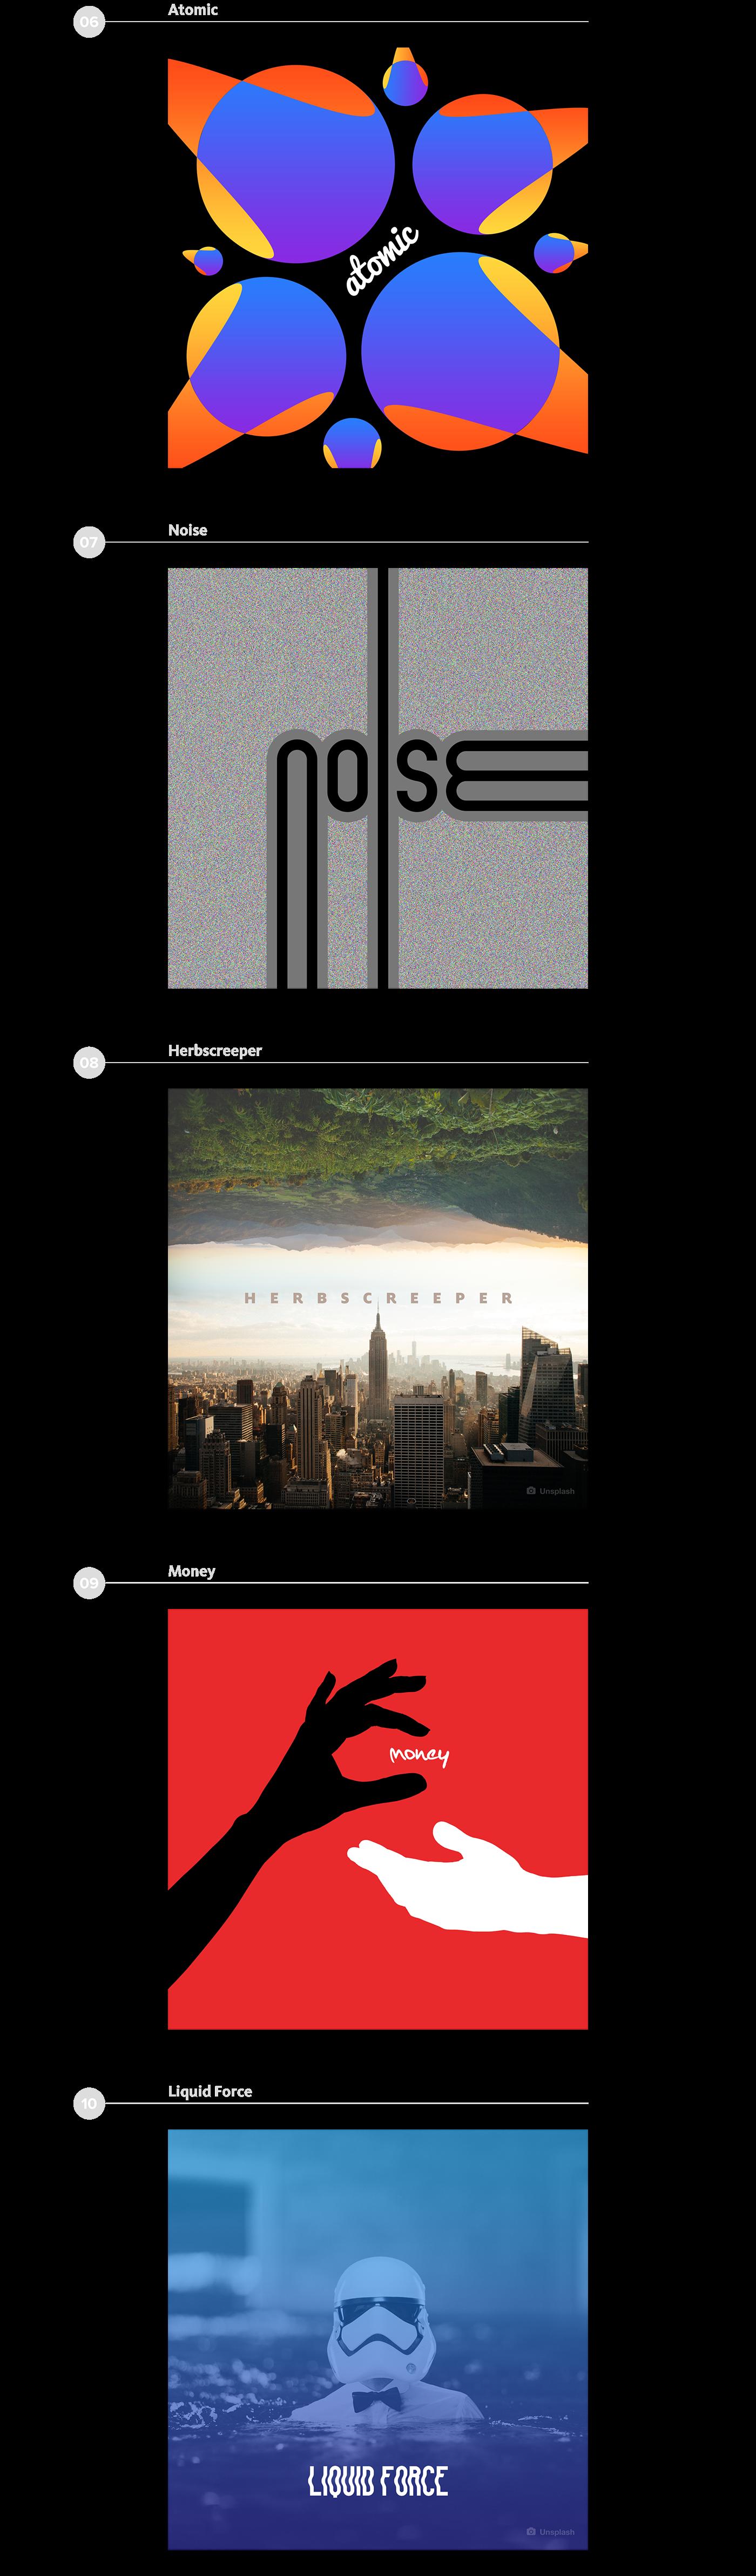 Album mixtape cover covers sound music design art vinyl album art cover design